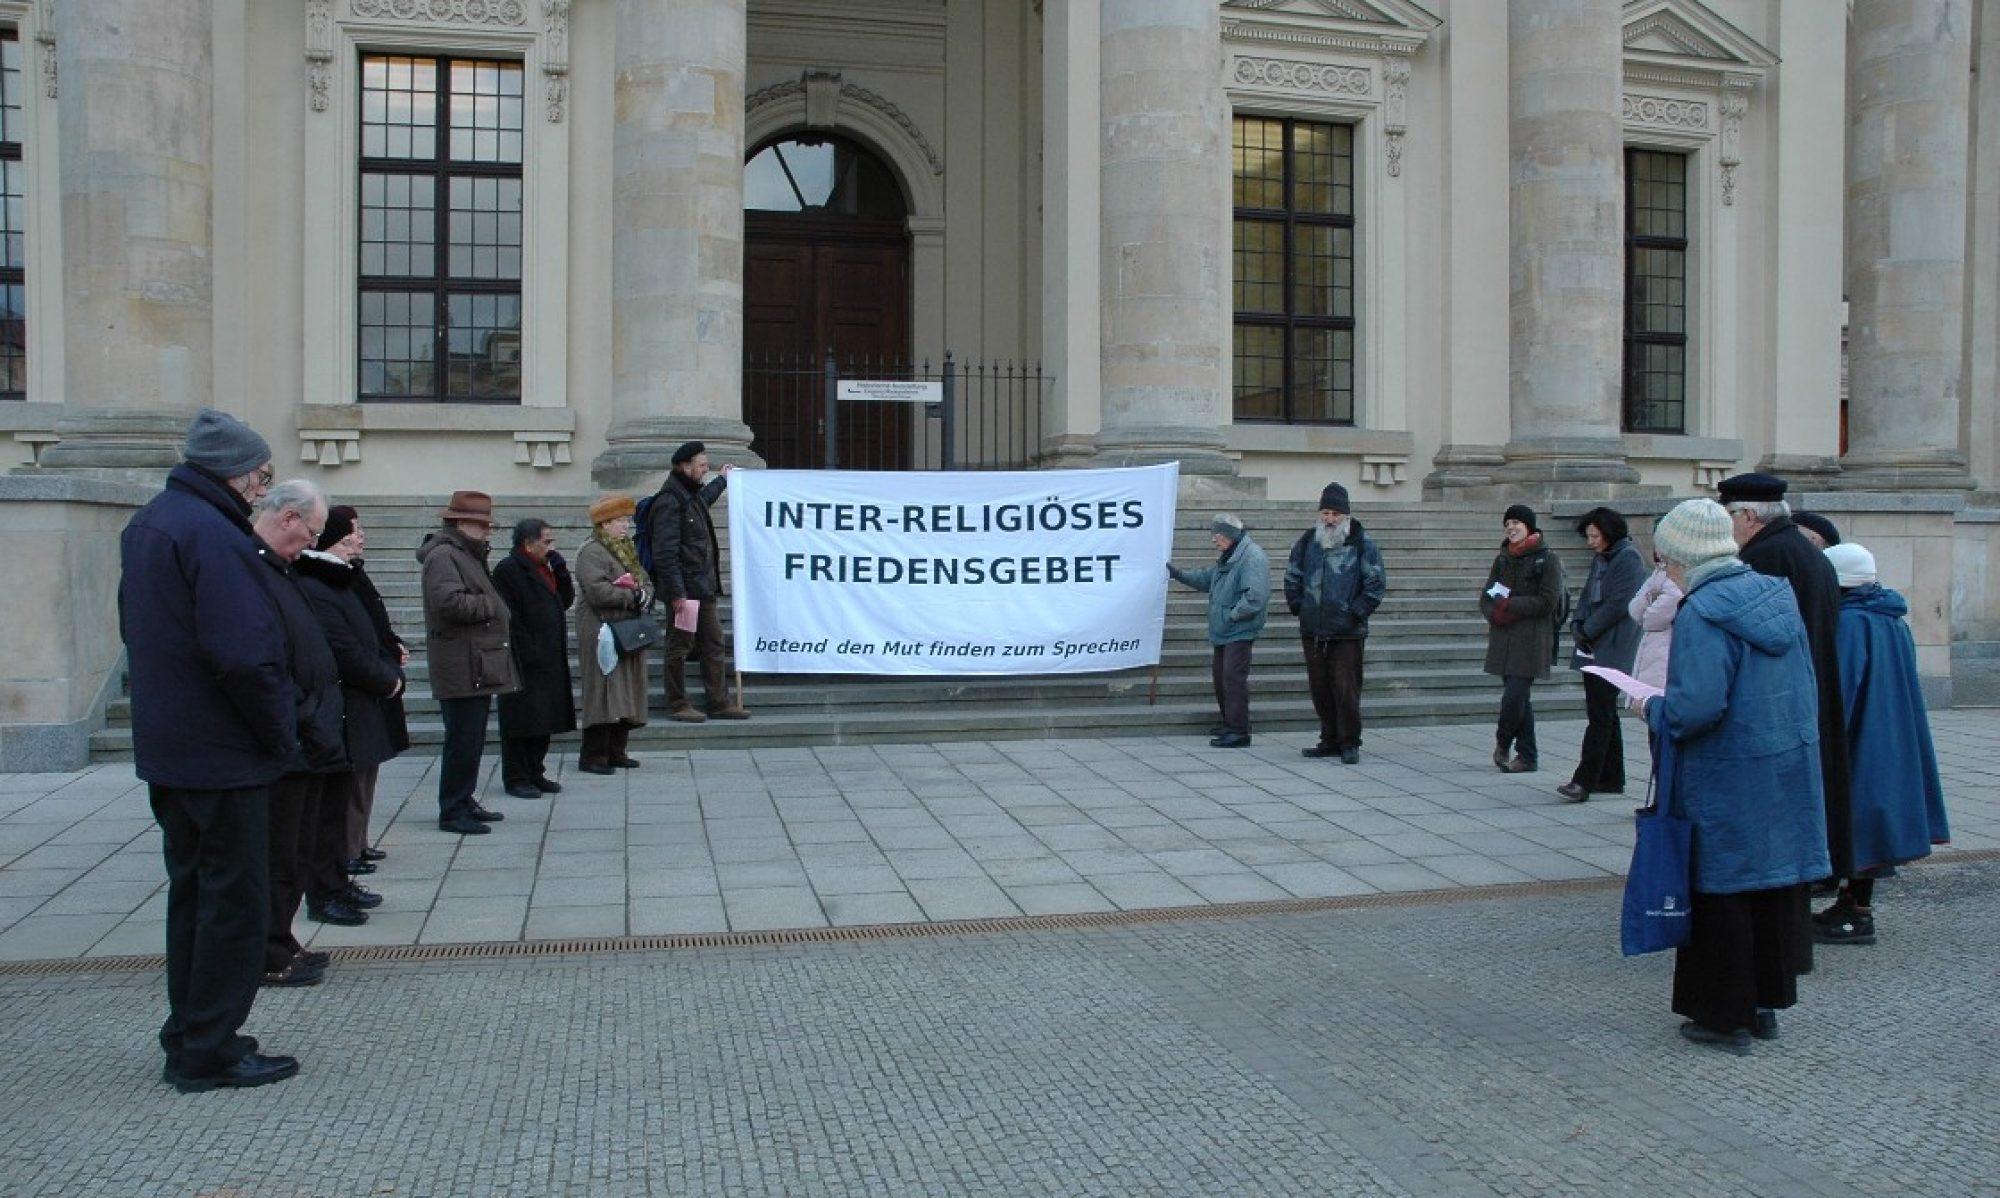 Interreligiöses Friedensgebet Berlin